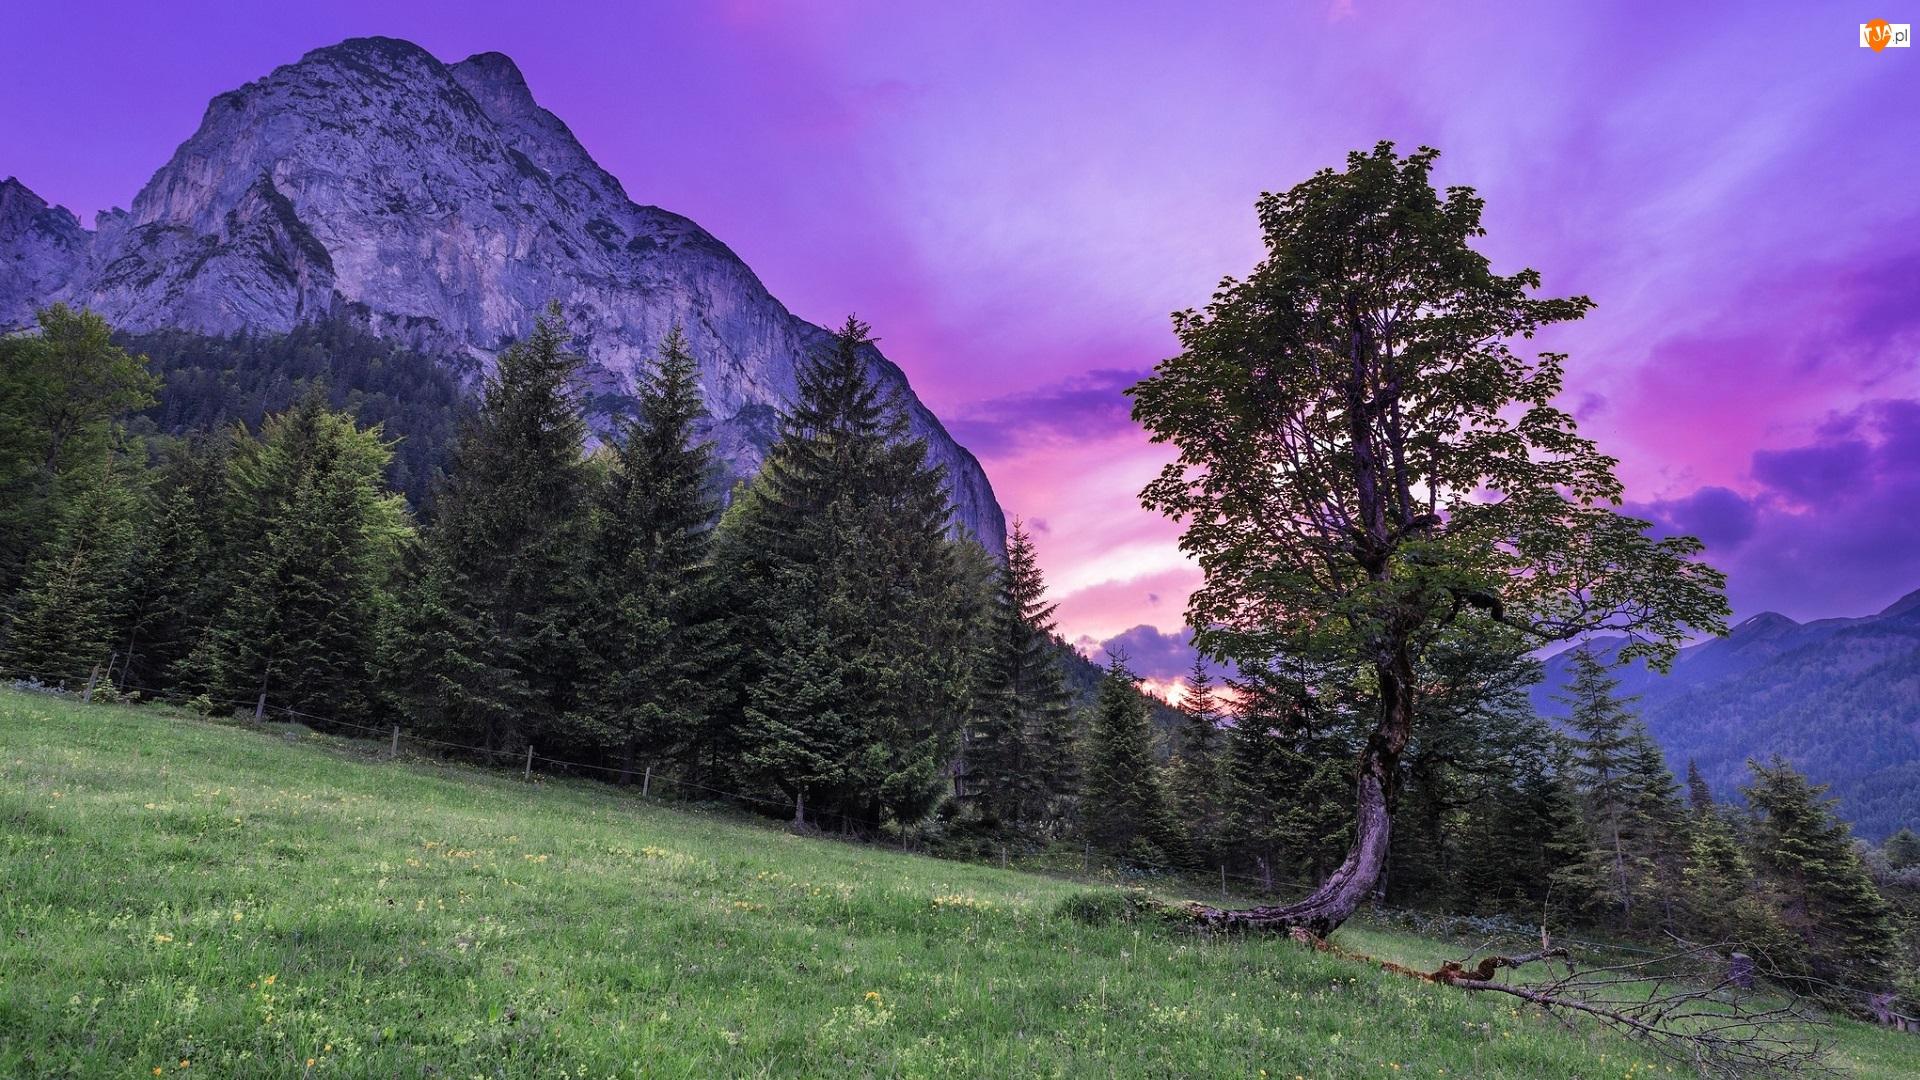 Łąka, Zachód słońca, Góra, Drzewa